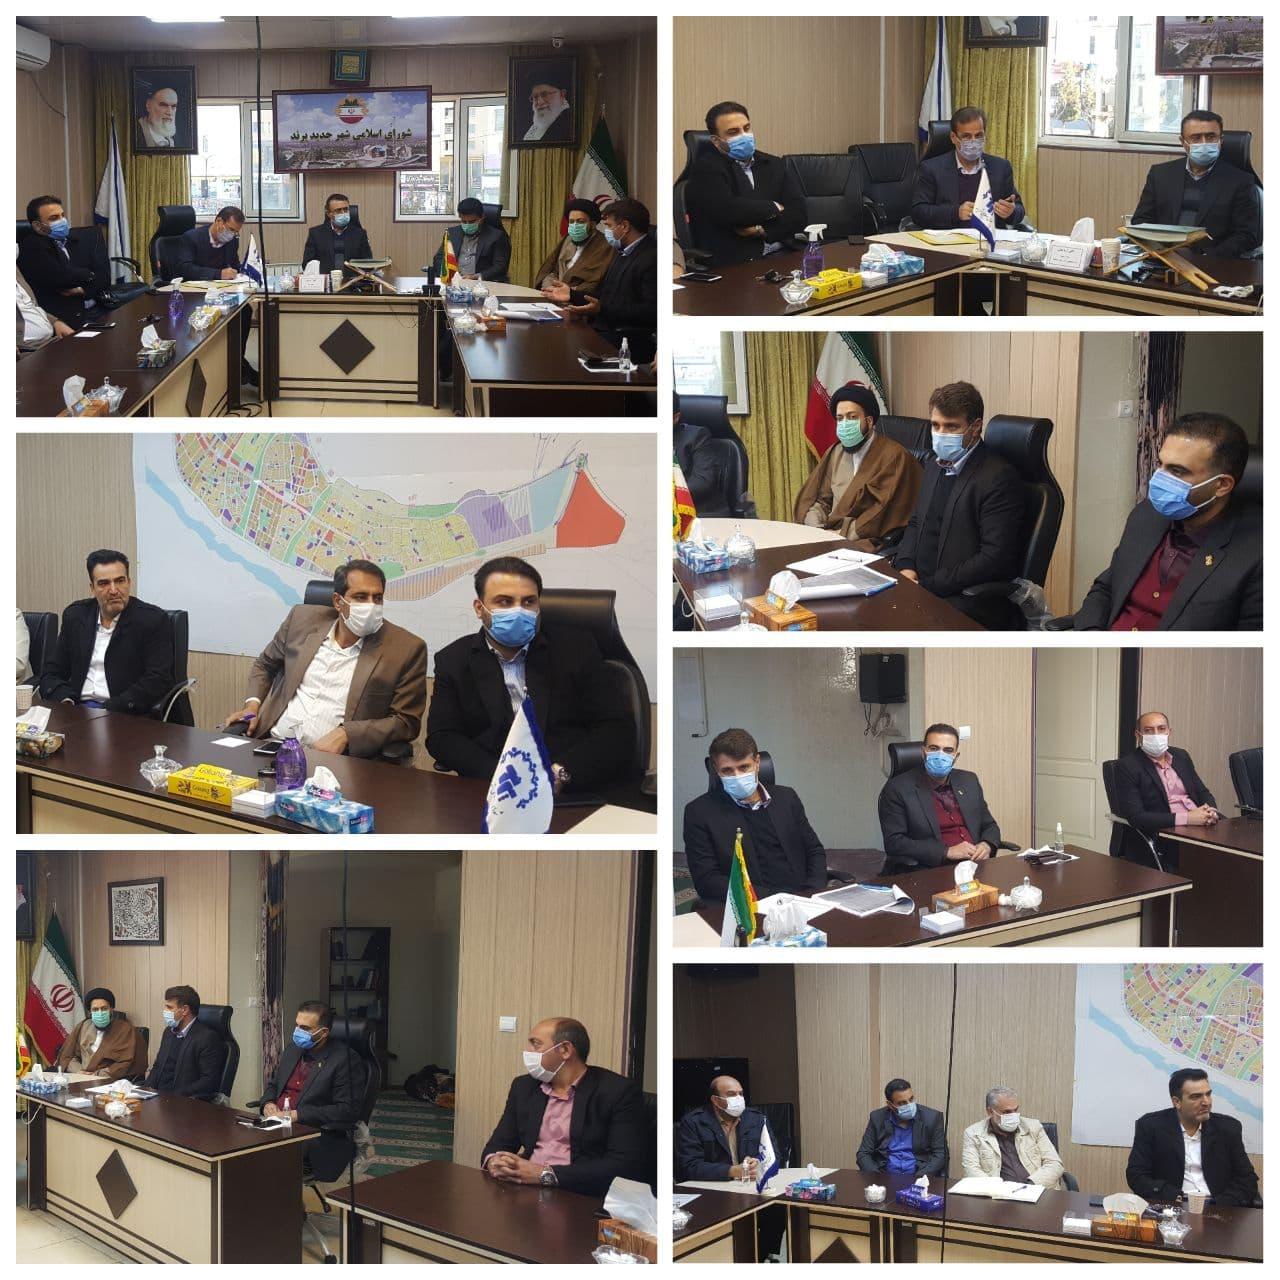 جلسه پیگیری روند احداث مترو در شورای اسلامی شهر پرند